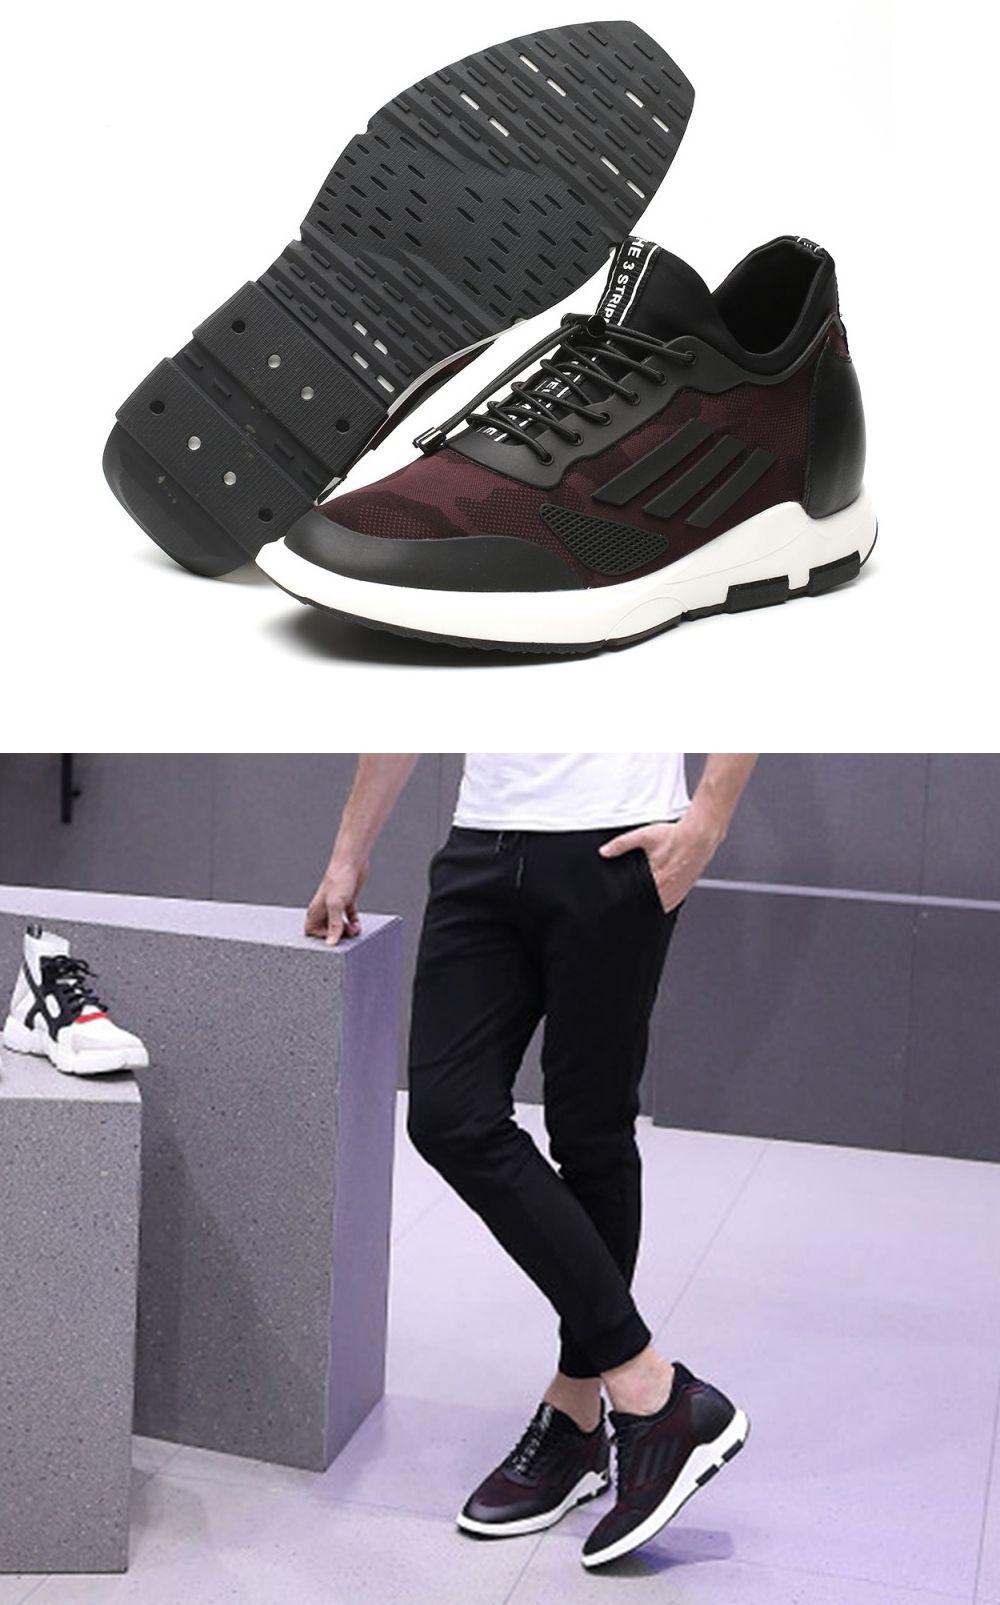 Sportowe Podwyzszajace Buty Meskie Dodajace 7cm Wzrostu Obuwie Codzienne Modny Design Top Sneakers Hummel Sneaker Sneakers